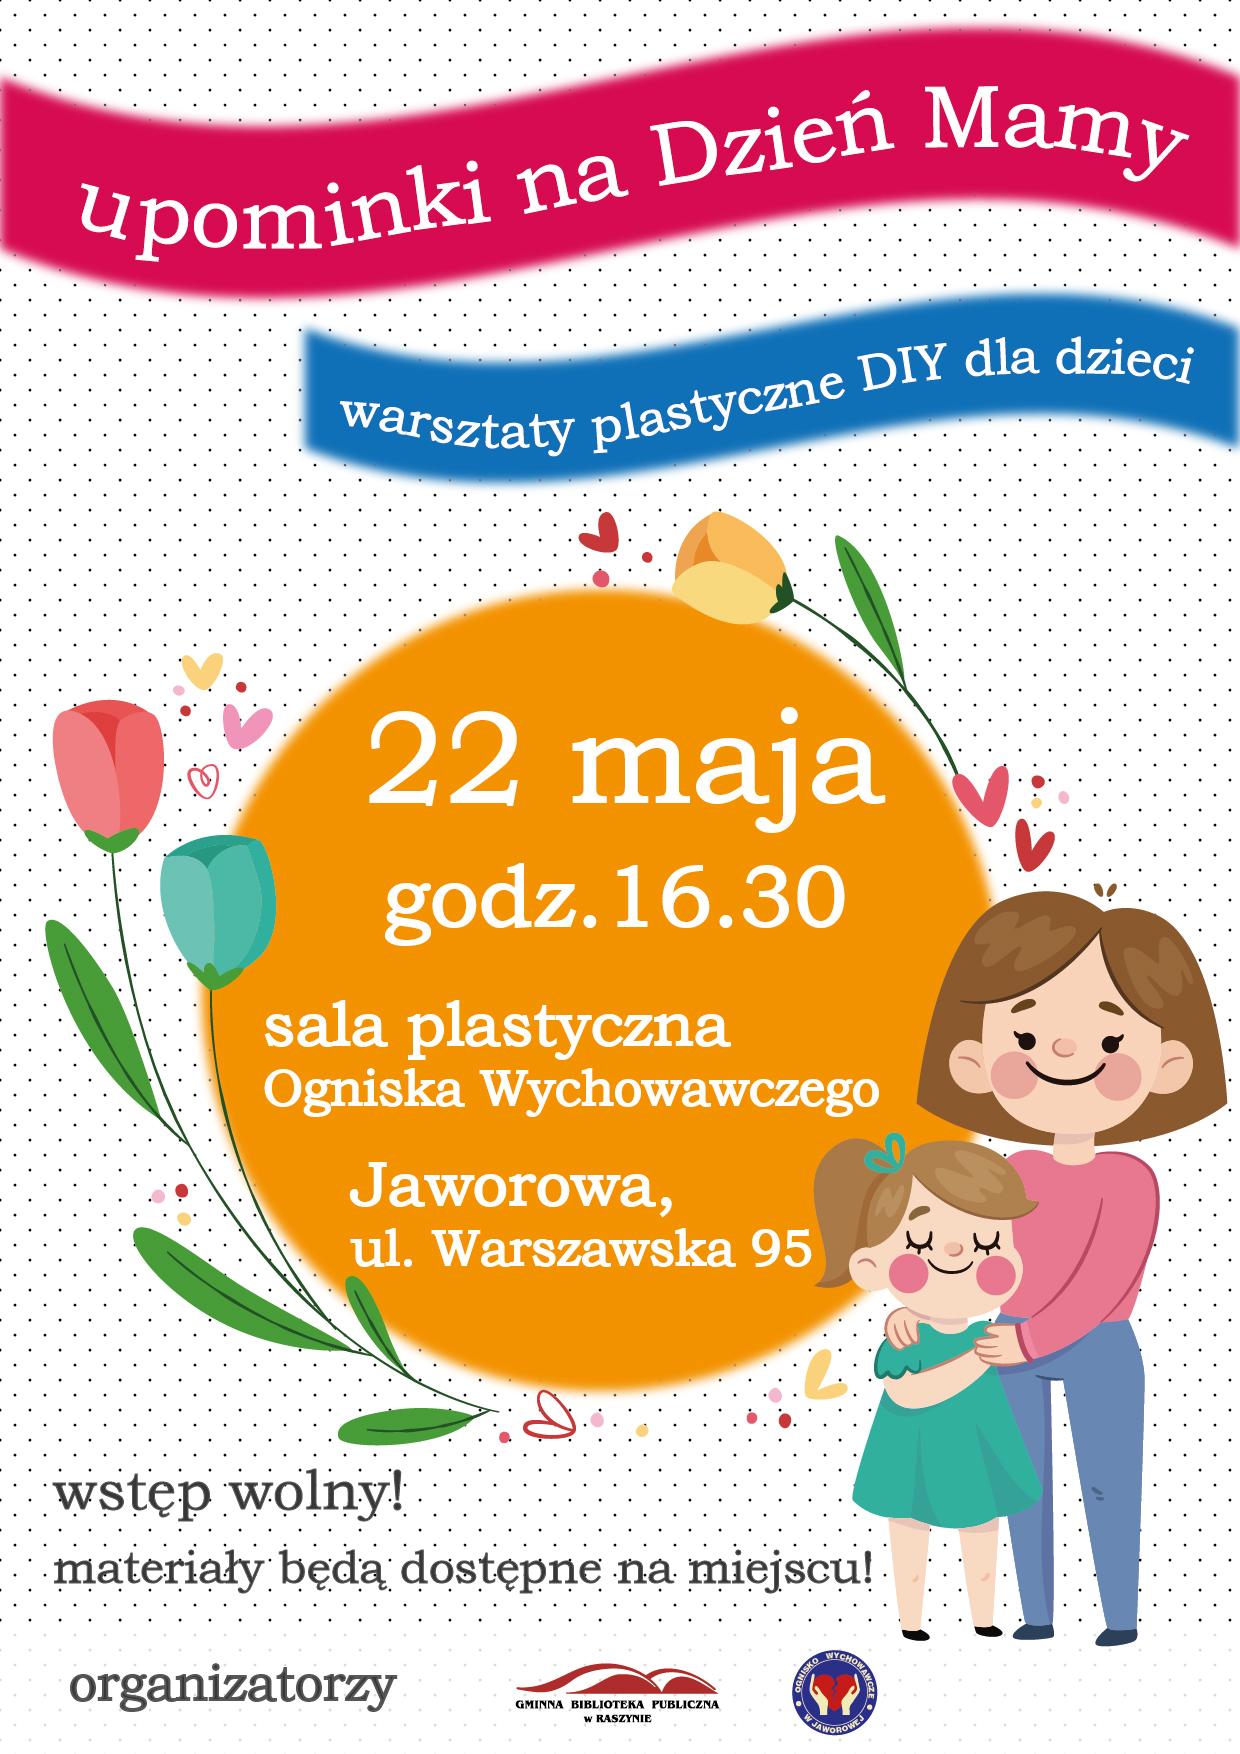 warsztaty-filia-dzien-mamy-01